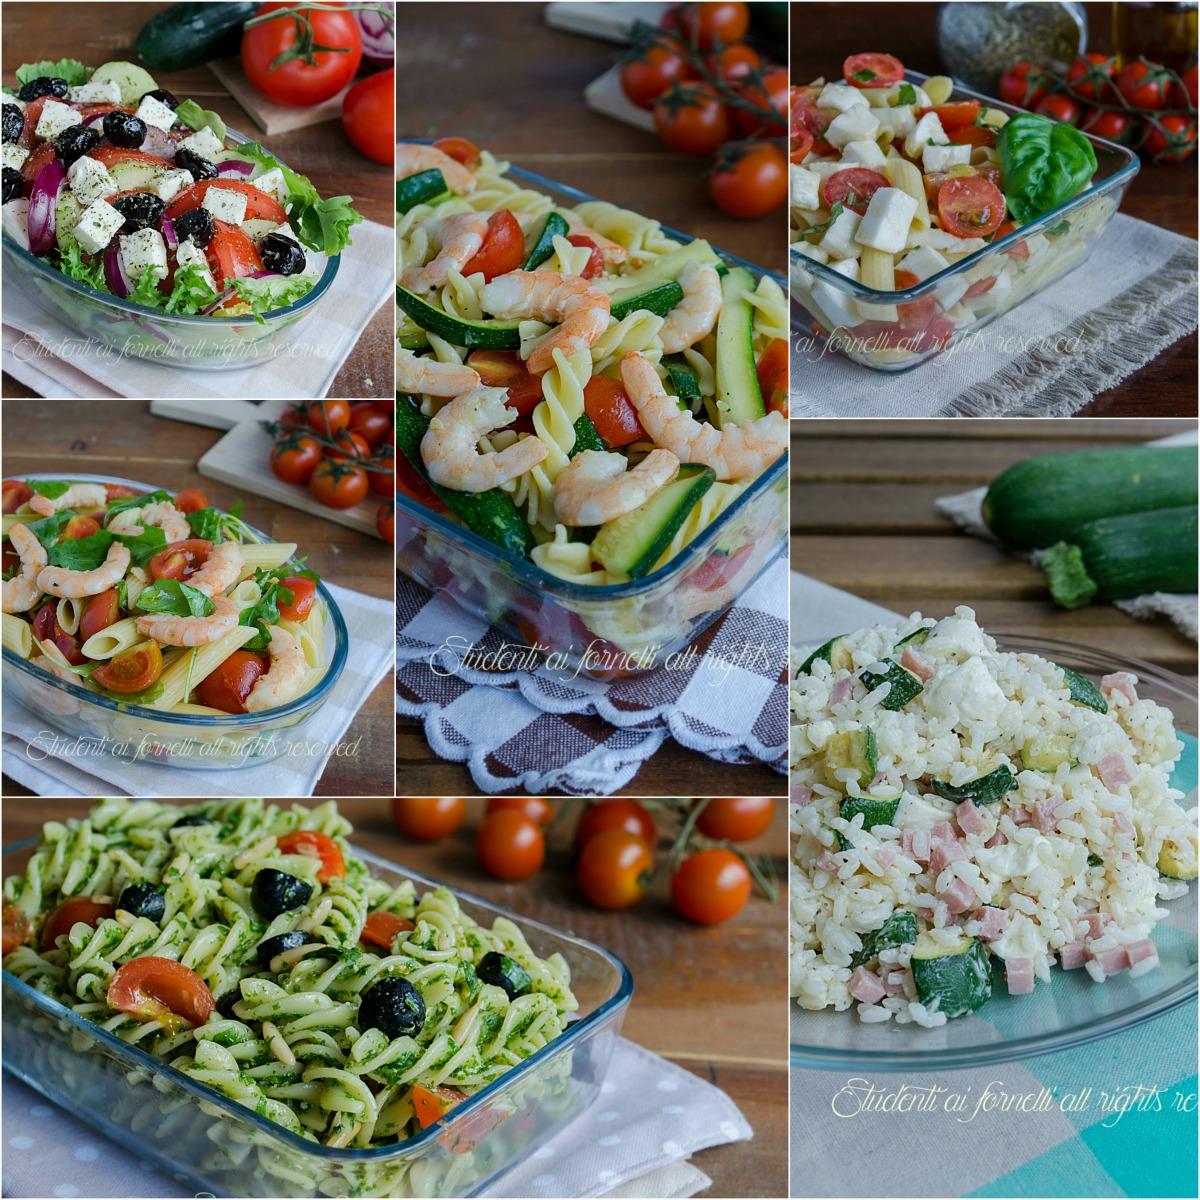 Ricette estive ricette insalate ricette pasta fredda for Ricette insalate